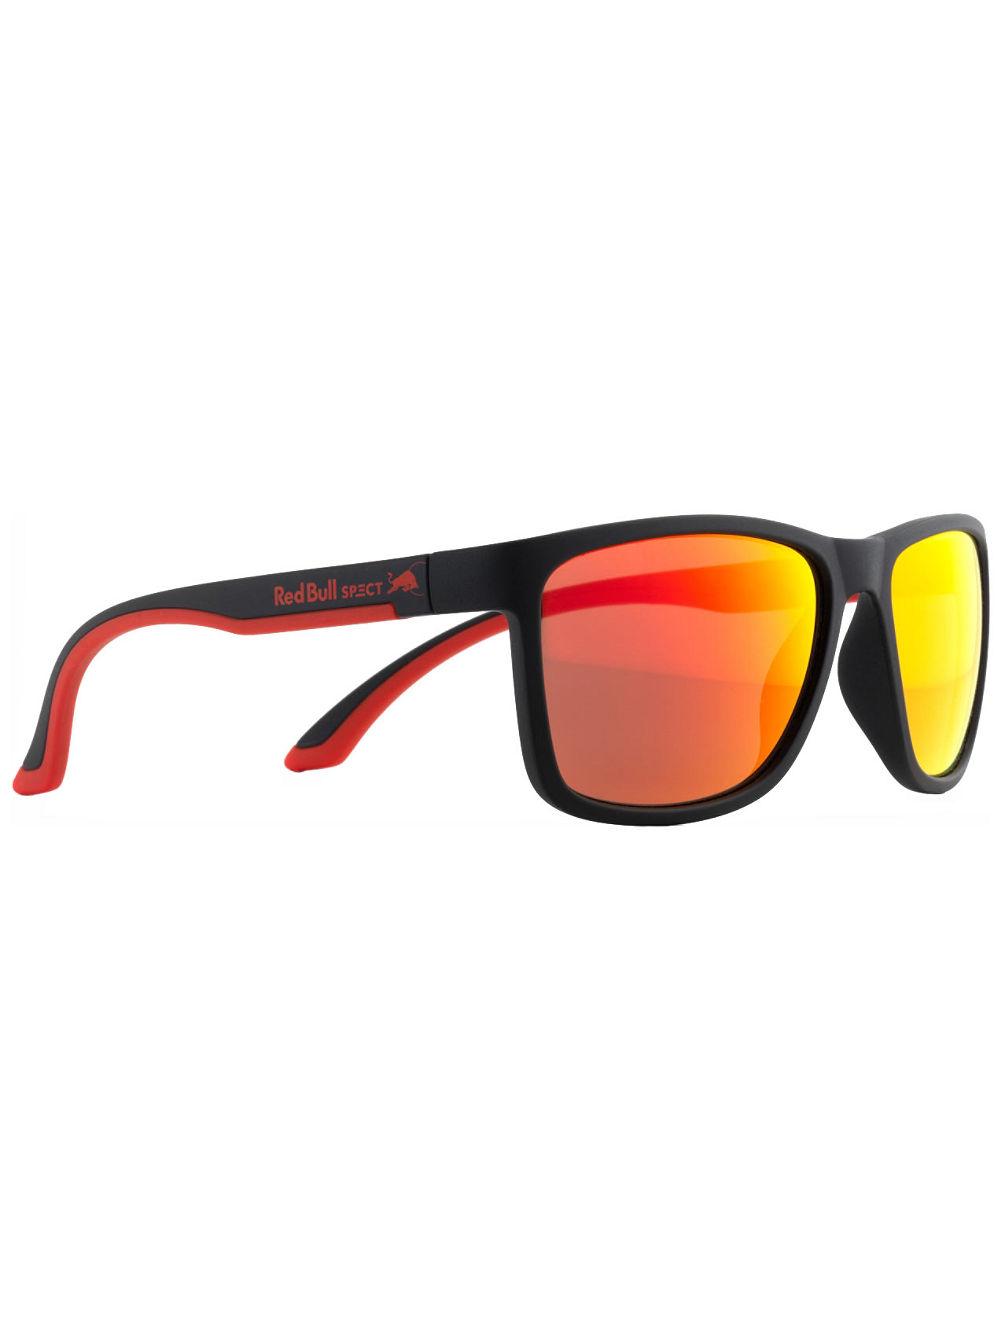 Köp Red Bull SPECT Sunglasses Twist Black Solglasögon online på blue ... 7fe7d3d9dfbdd